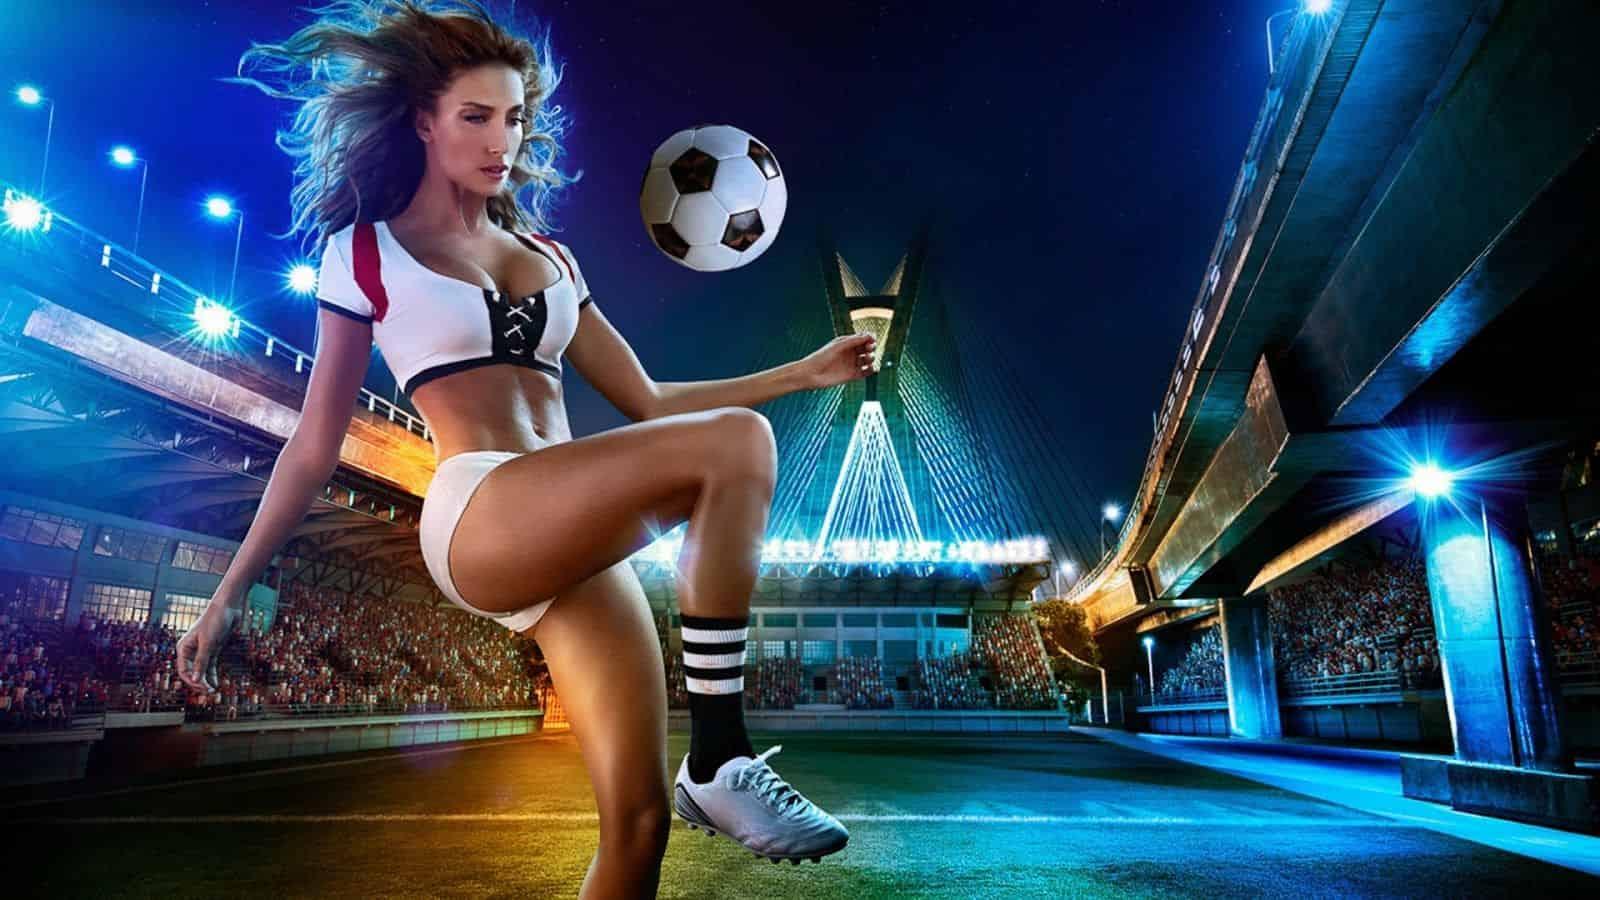 Tiêu chí để lựa chọn nhà cái uy tín để cá cược bóng đá